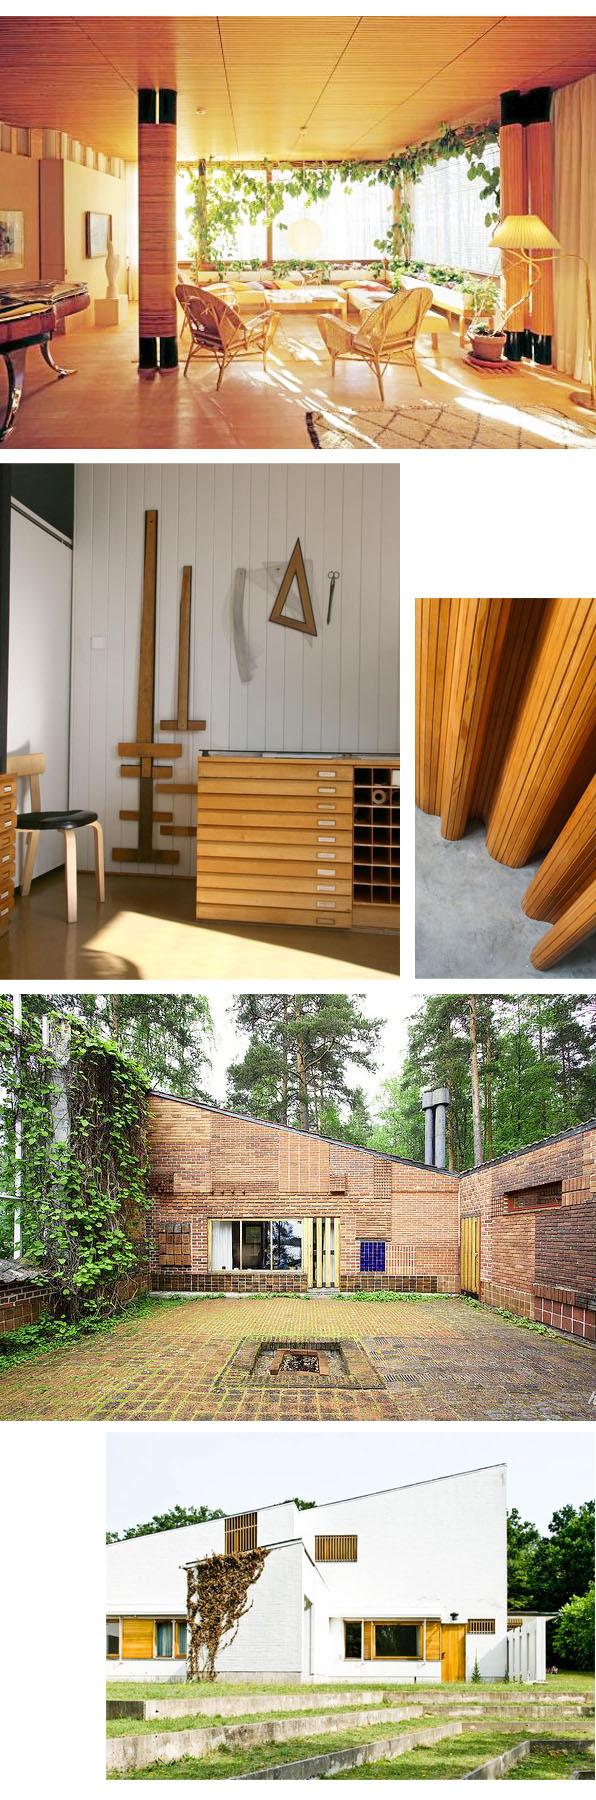 alvar aalto detail light detalle luz modus-vivendi arquitectos arquitectura